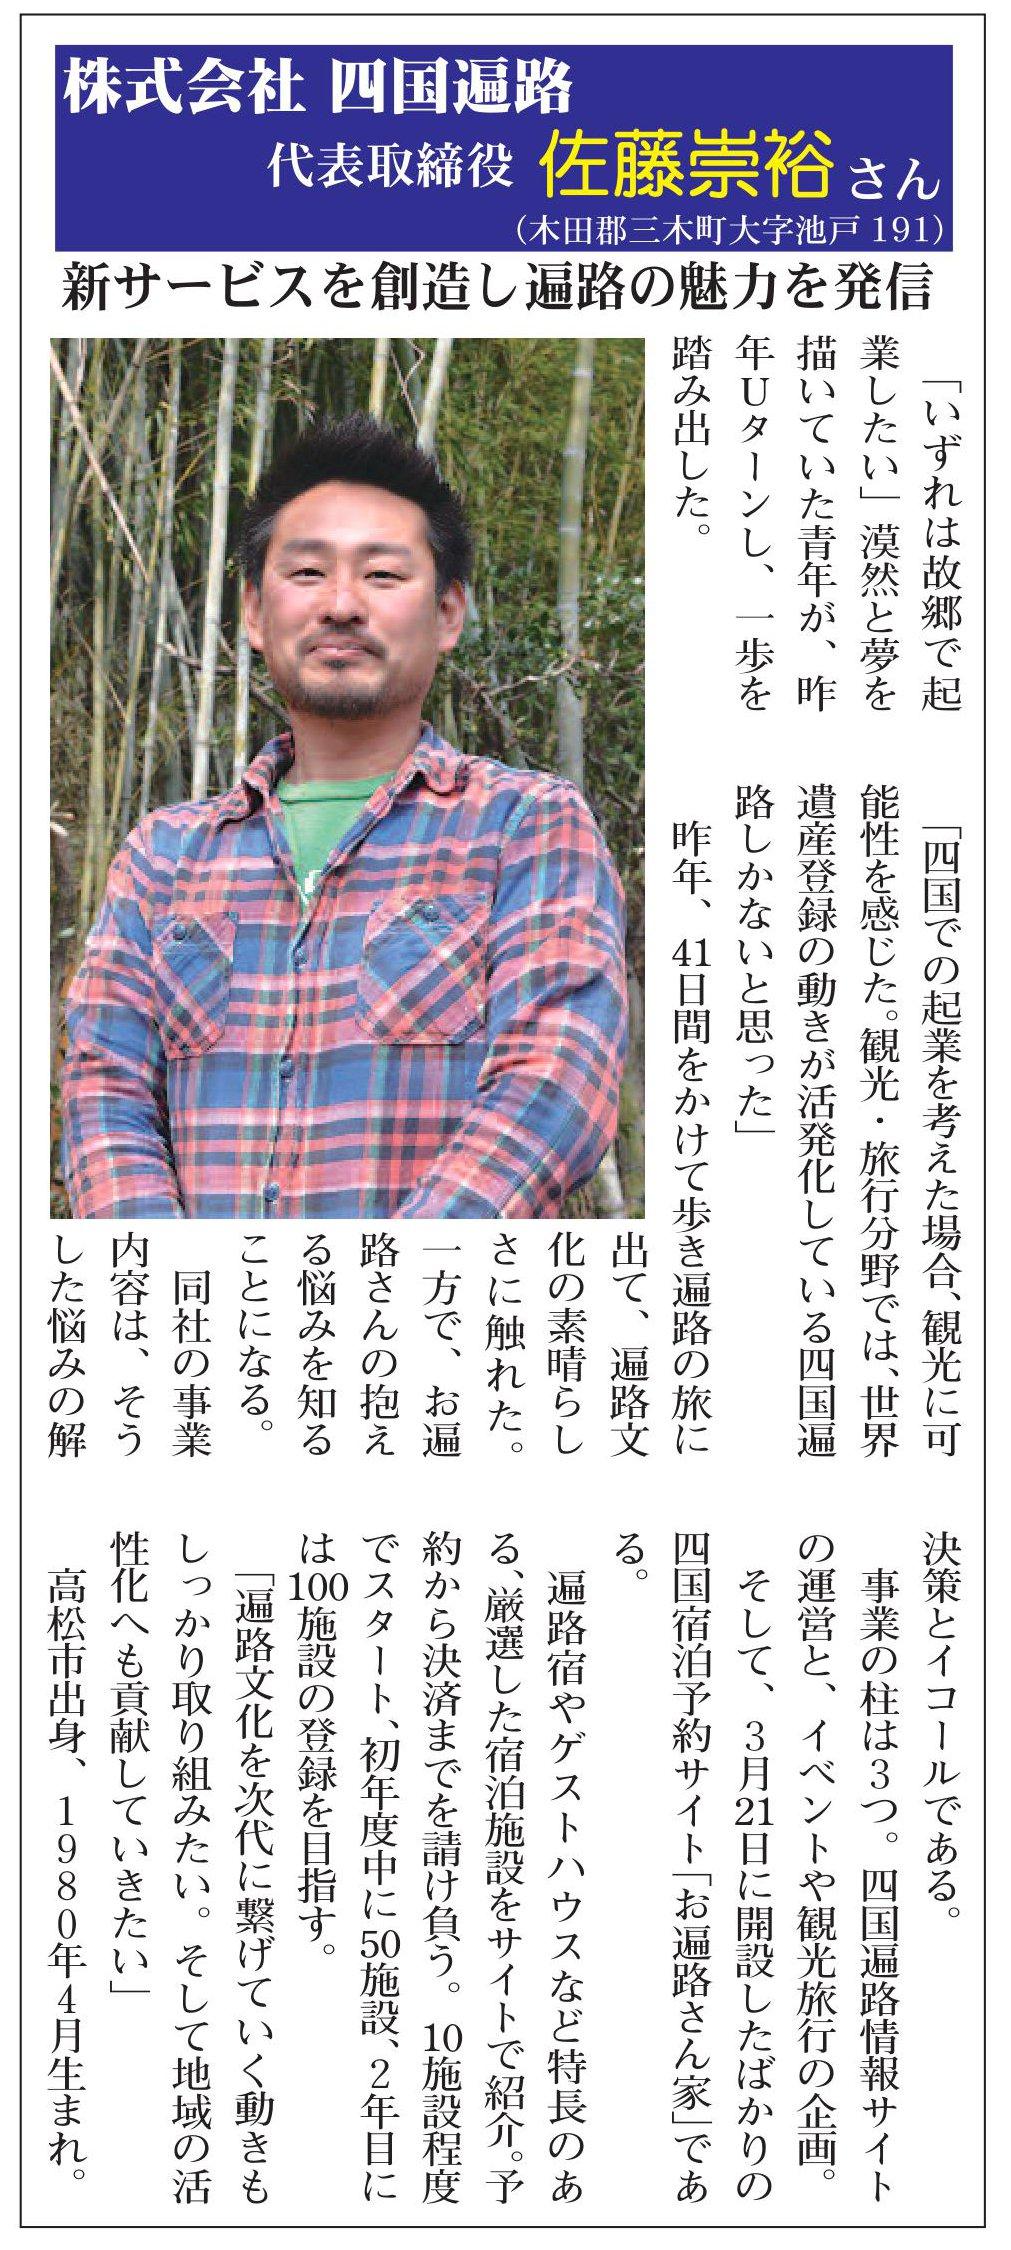 かがわ経済レポート(2016年4月15日号)